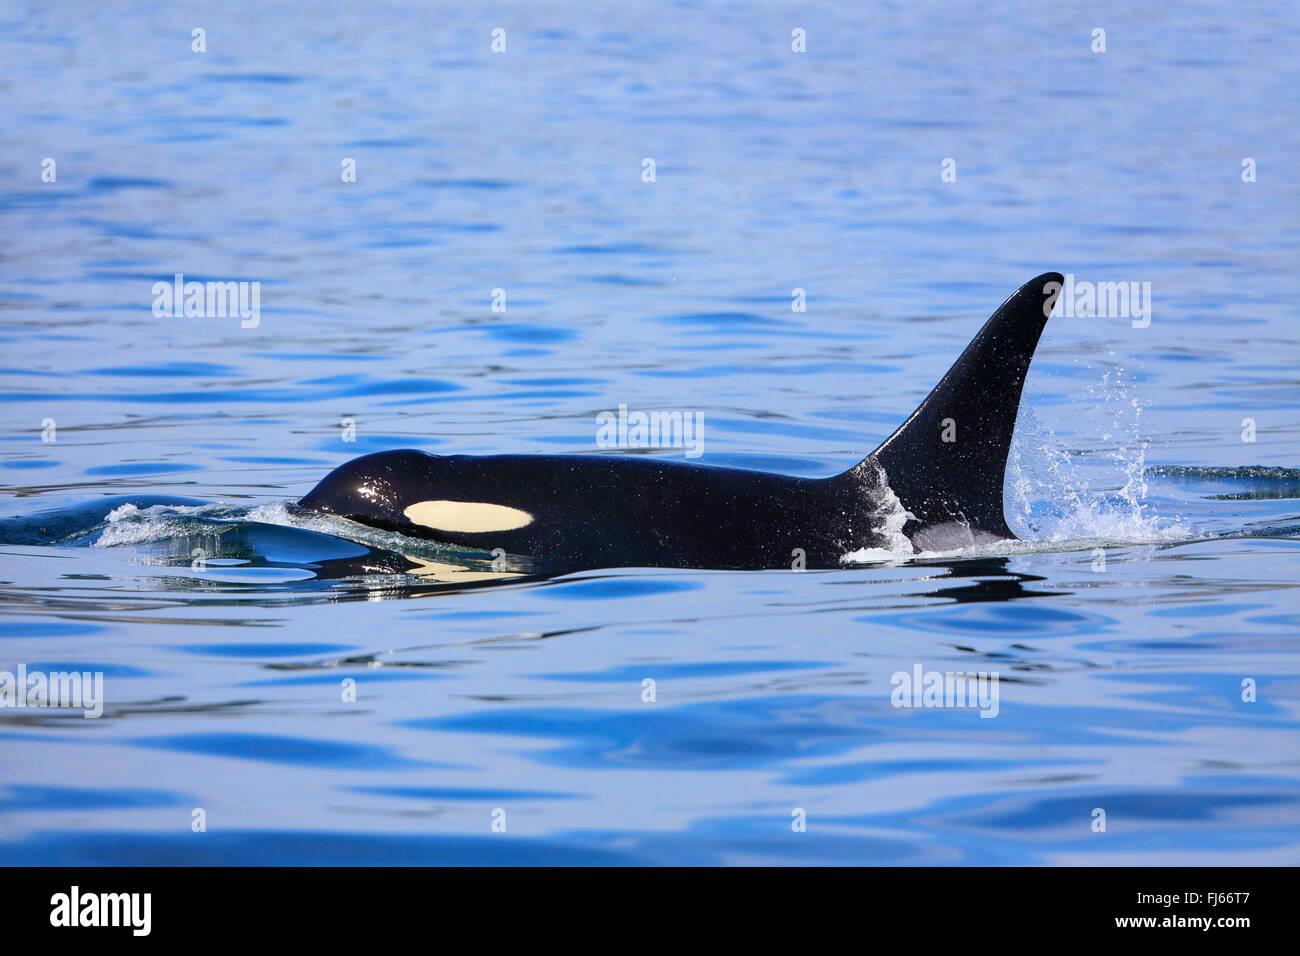 Orca, grande balena killer, grampus (Orcinus orca), nuoto maschio, Canada, Victoria, Haro stretto Foto Stock